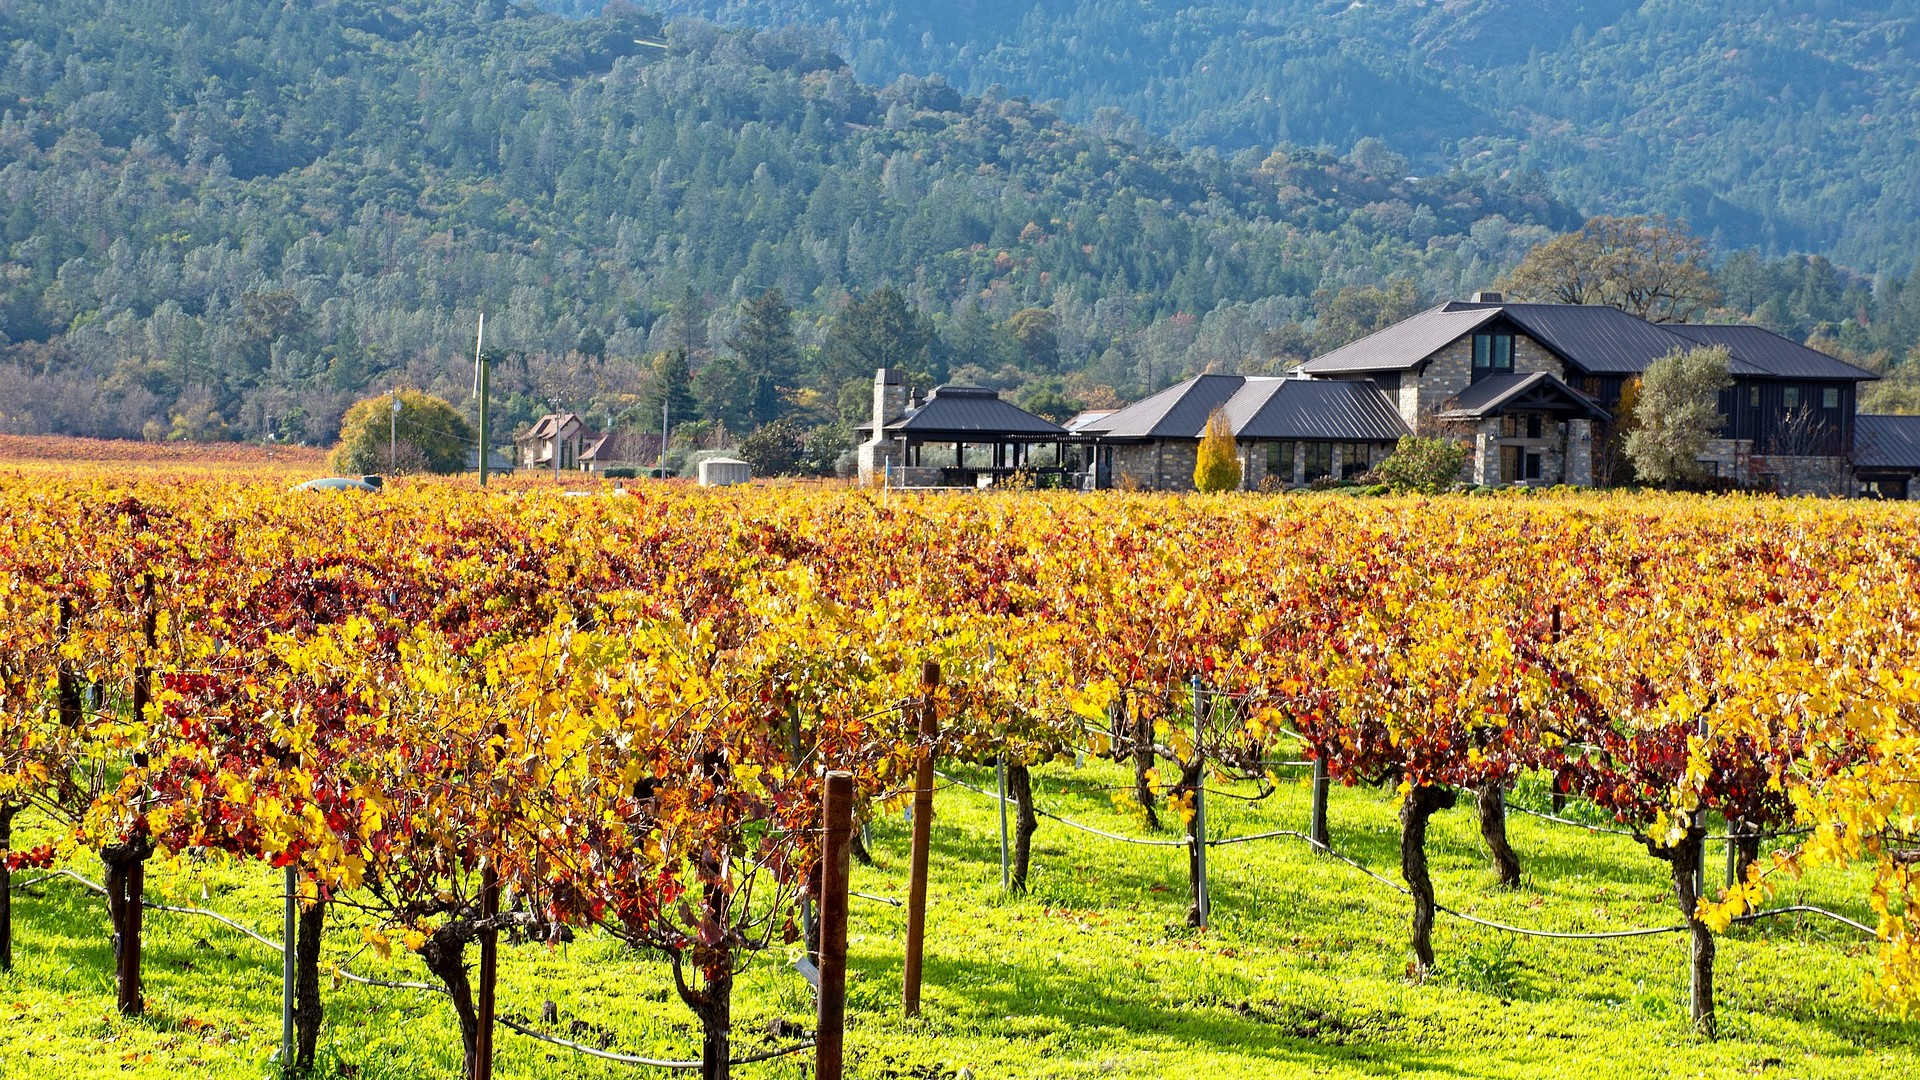 San Francisco & Napa Valley Region